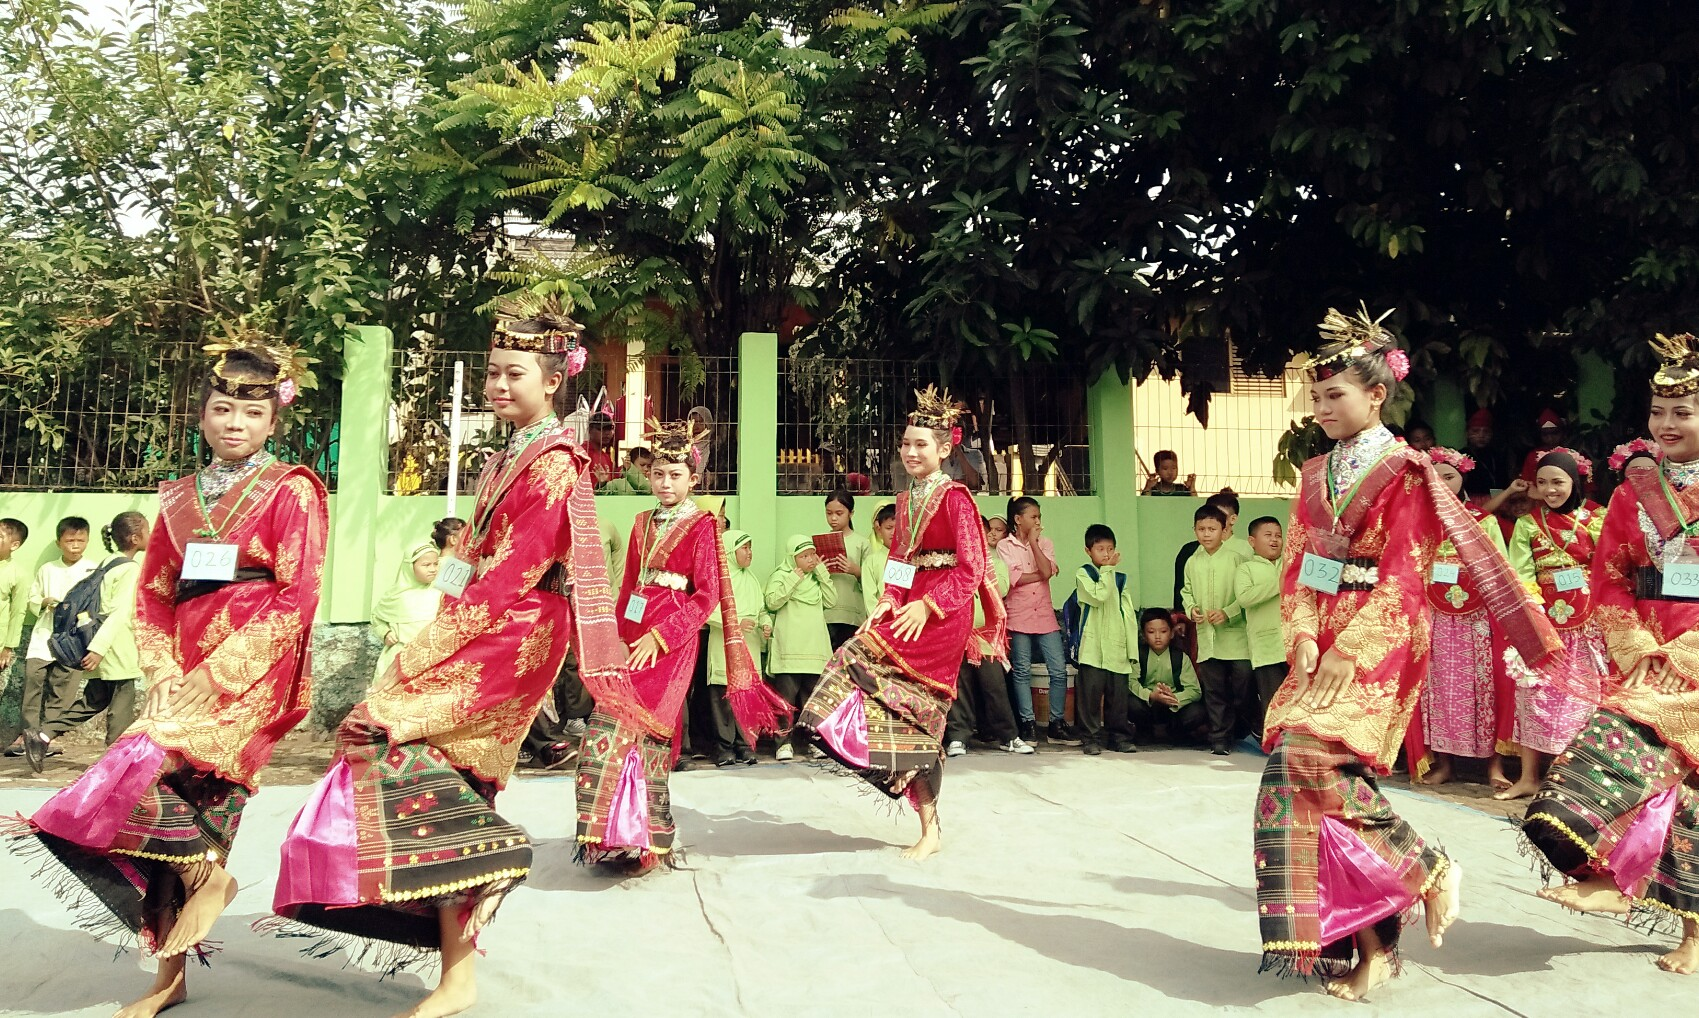 Sumatera Utara| Dokumentasi pribadi